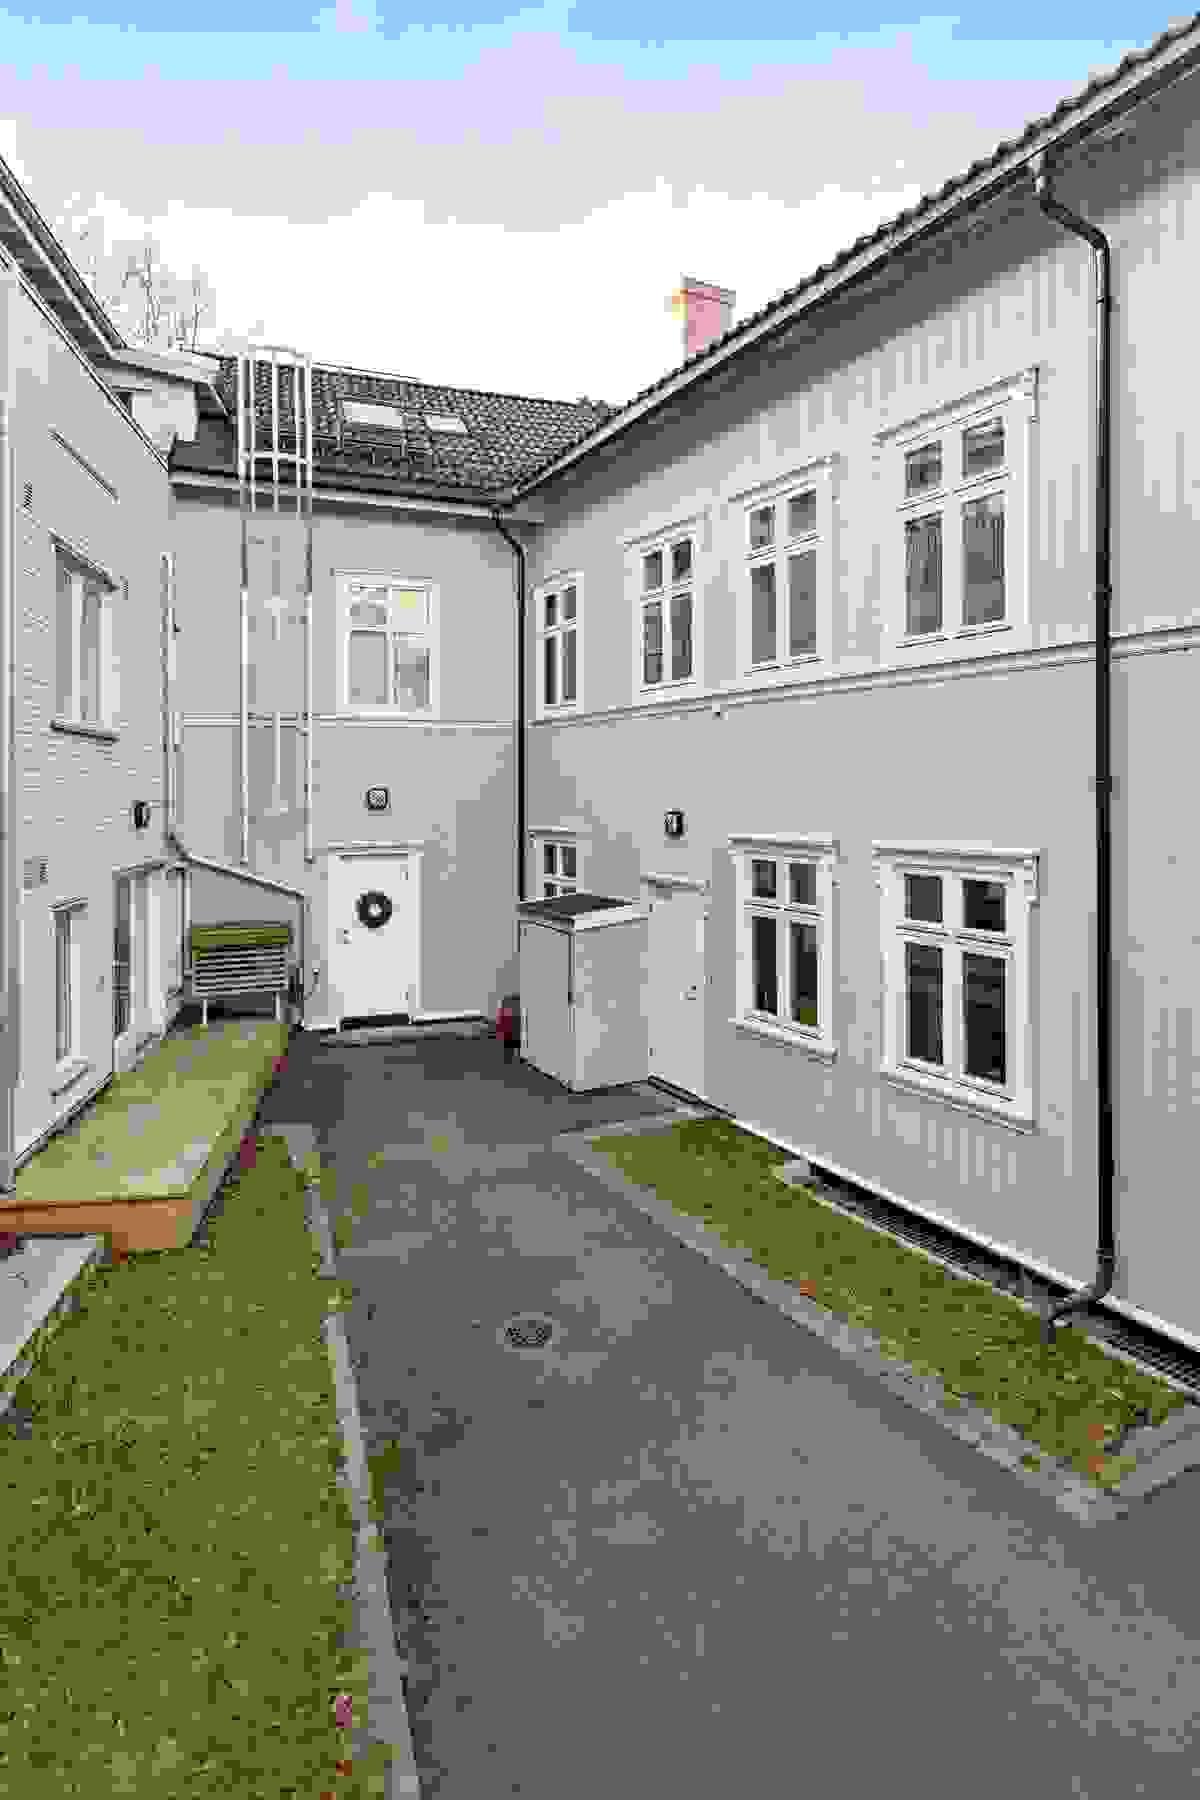 Leiligheten har inngang fra rolig bakgård, se dør til høyre midt i bildet.